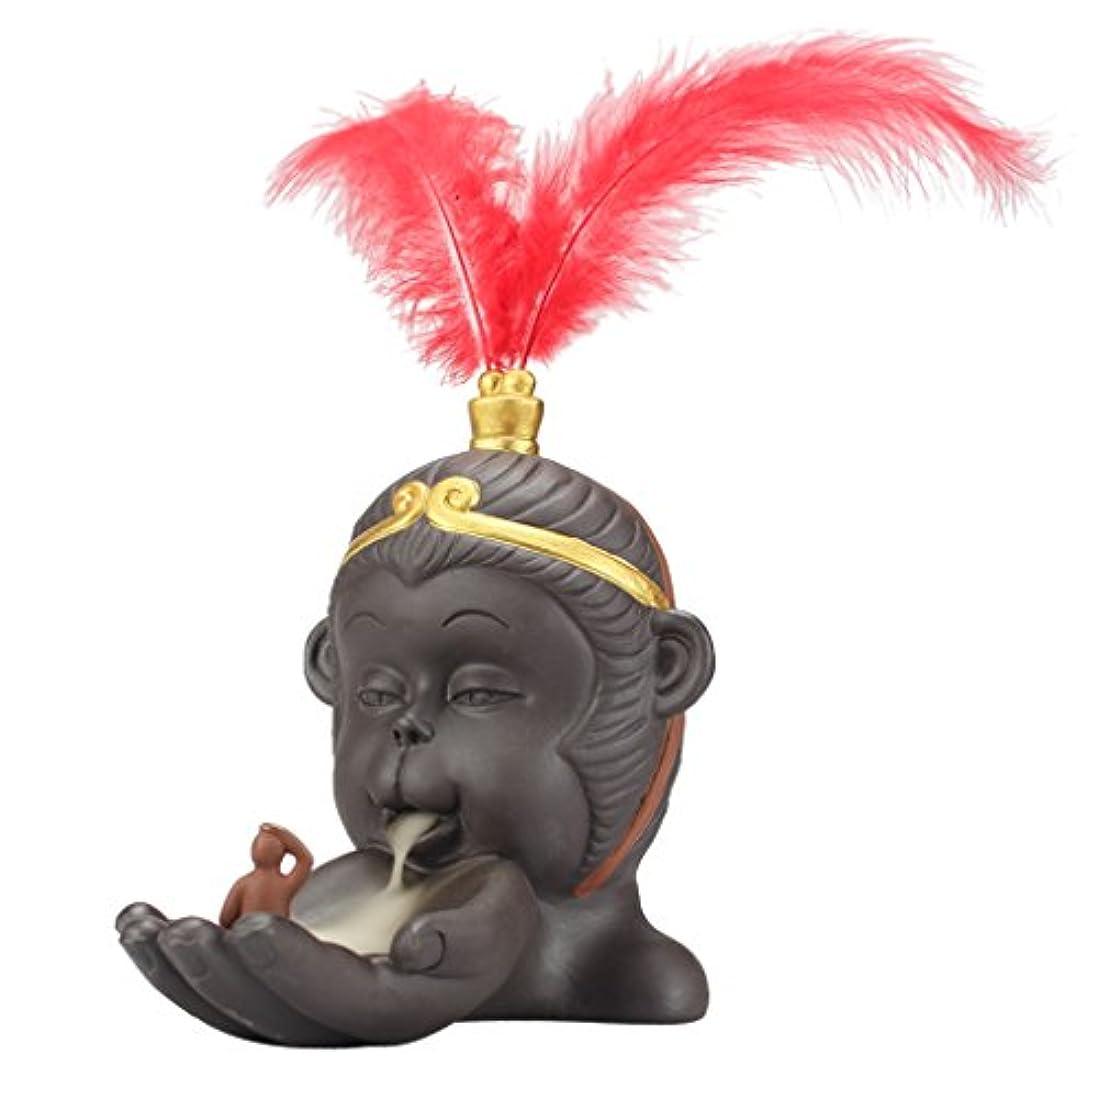 報奨金比較的帰するPerfk 仏教 香炉 バーナーホルダー 小型 逆流コーン 香バーナー 持ち運び 容易 全2色 - 赤